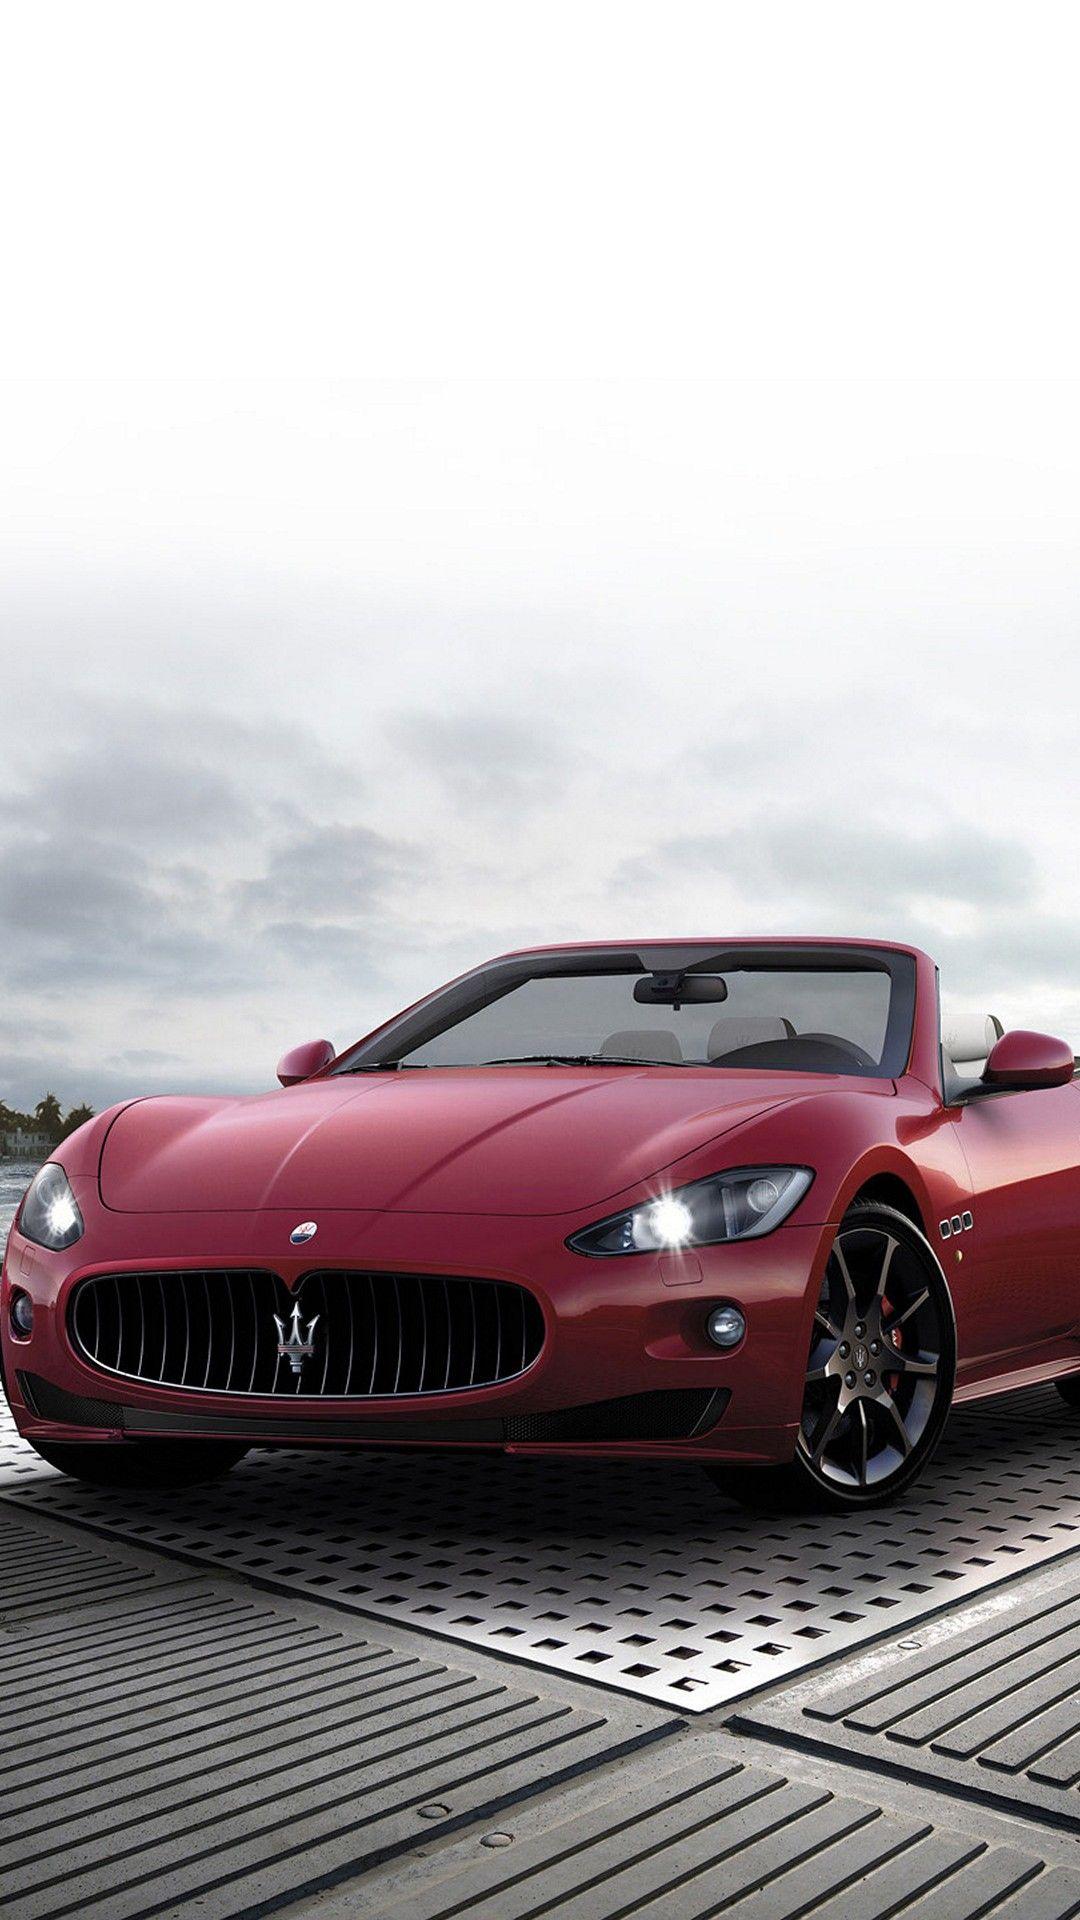 Maserati GranTurismo Cabrio Smartphone Wallpaper and